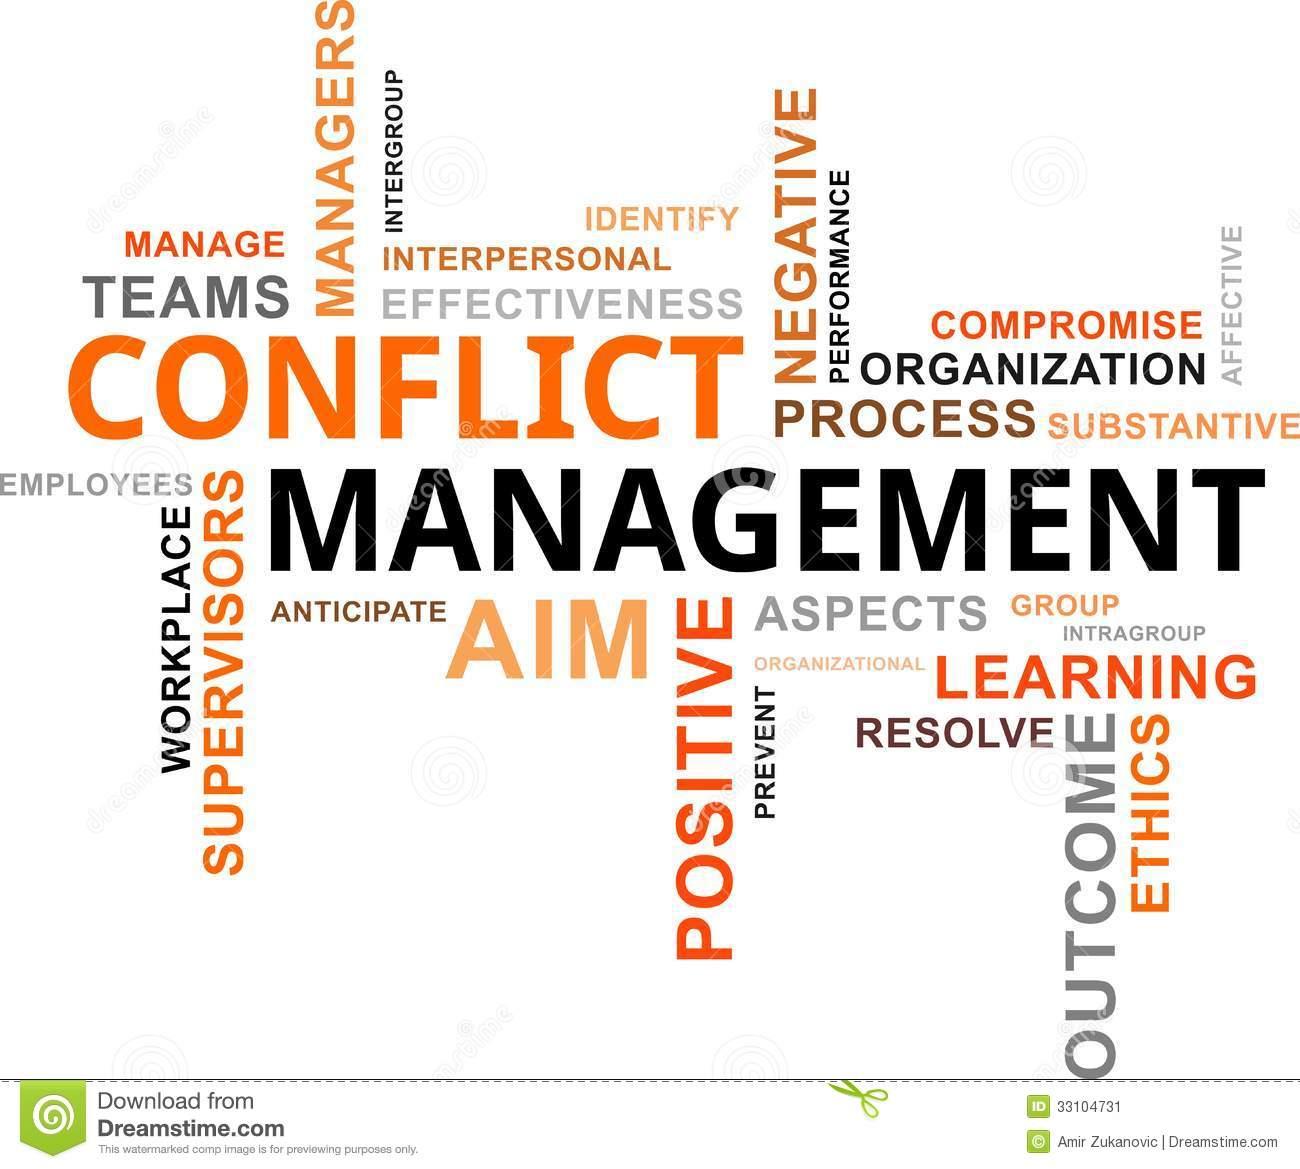 Conflict Management - Understanding conflict & how to prevent it